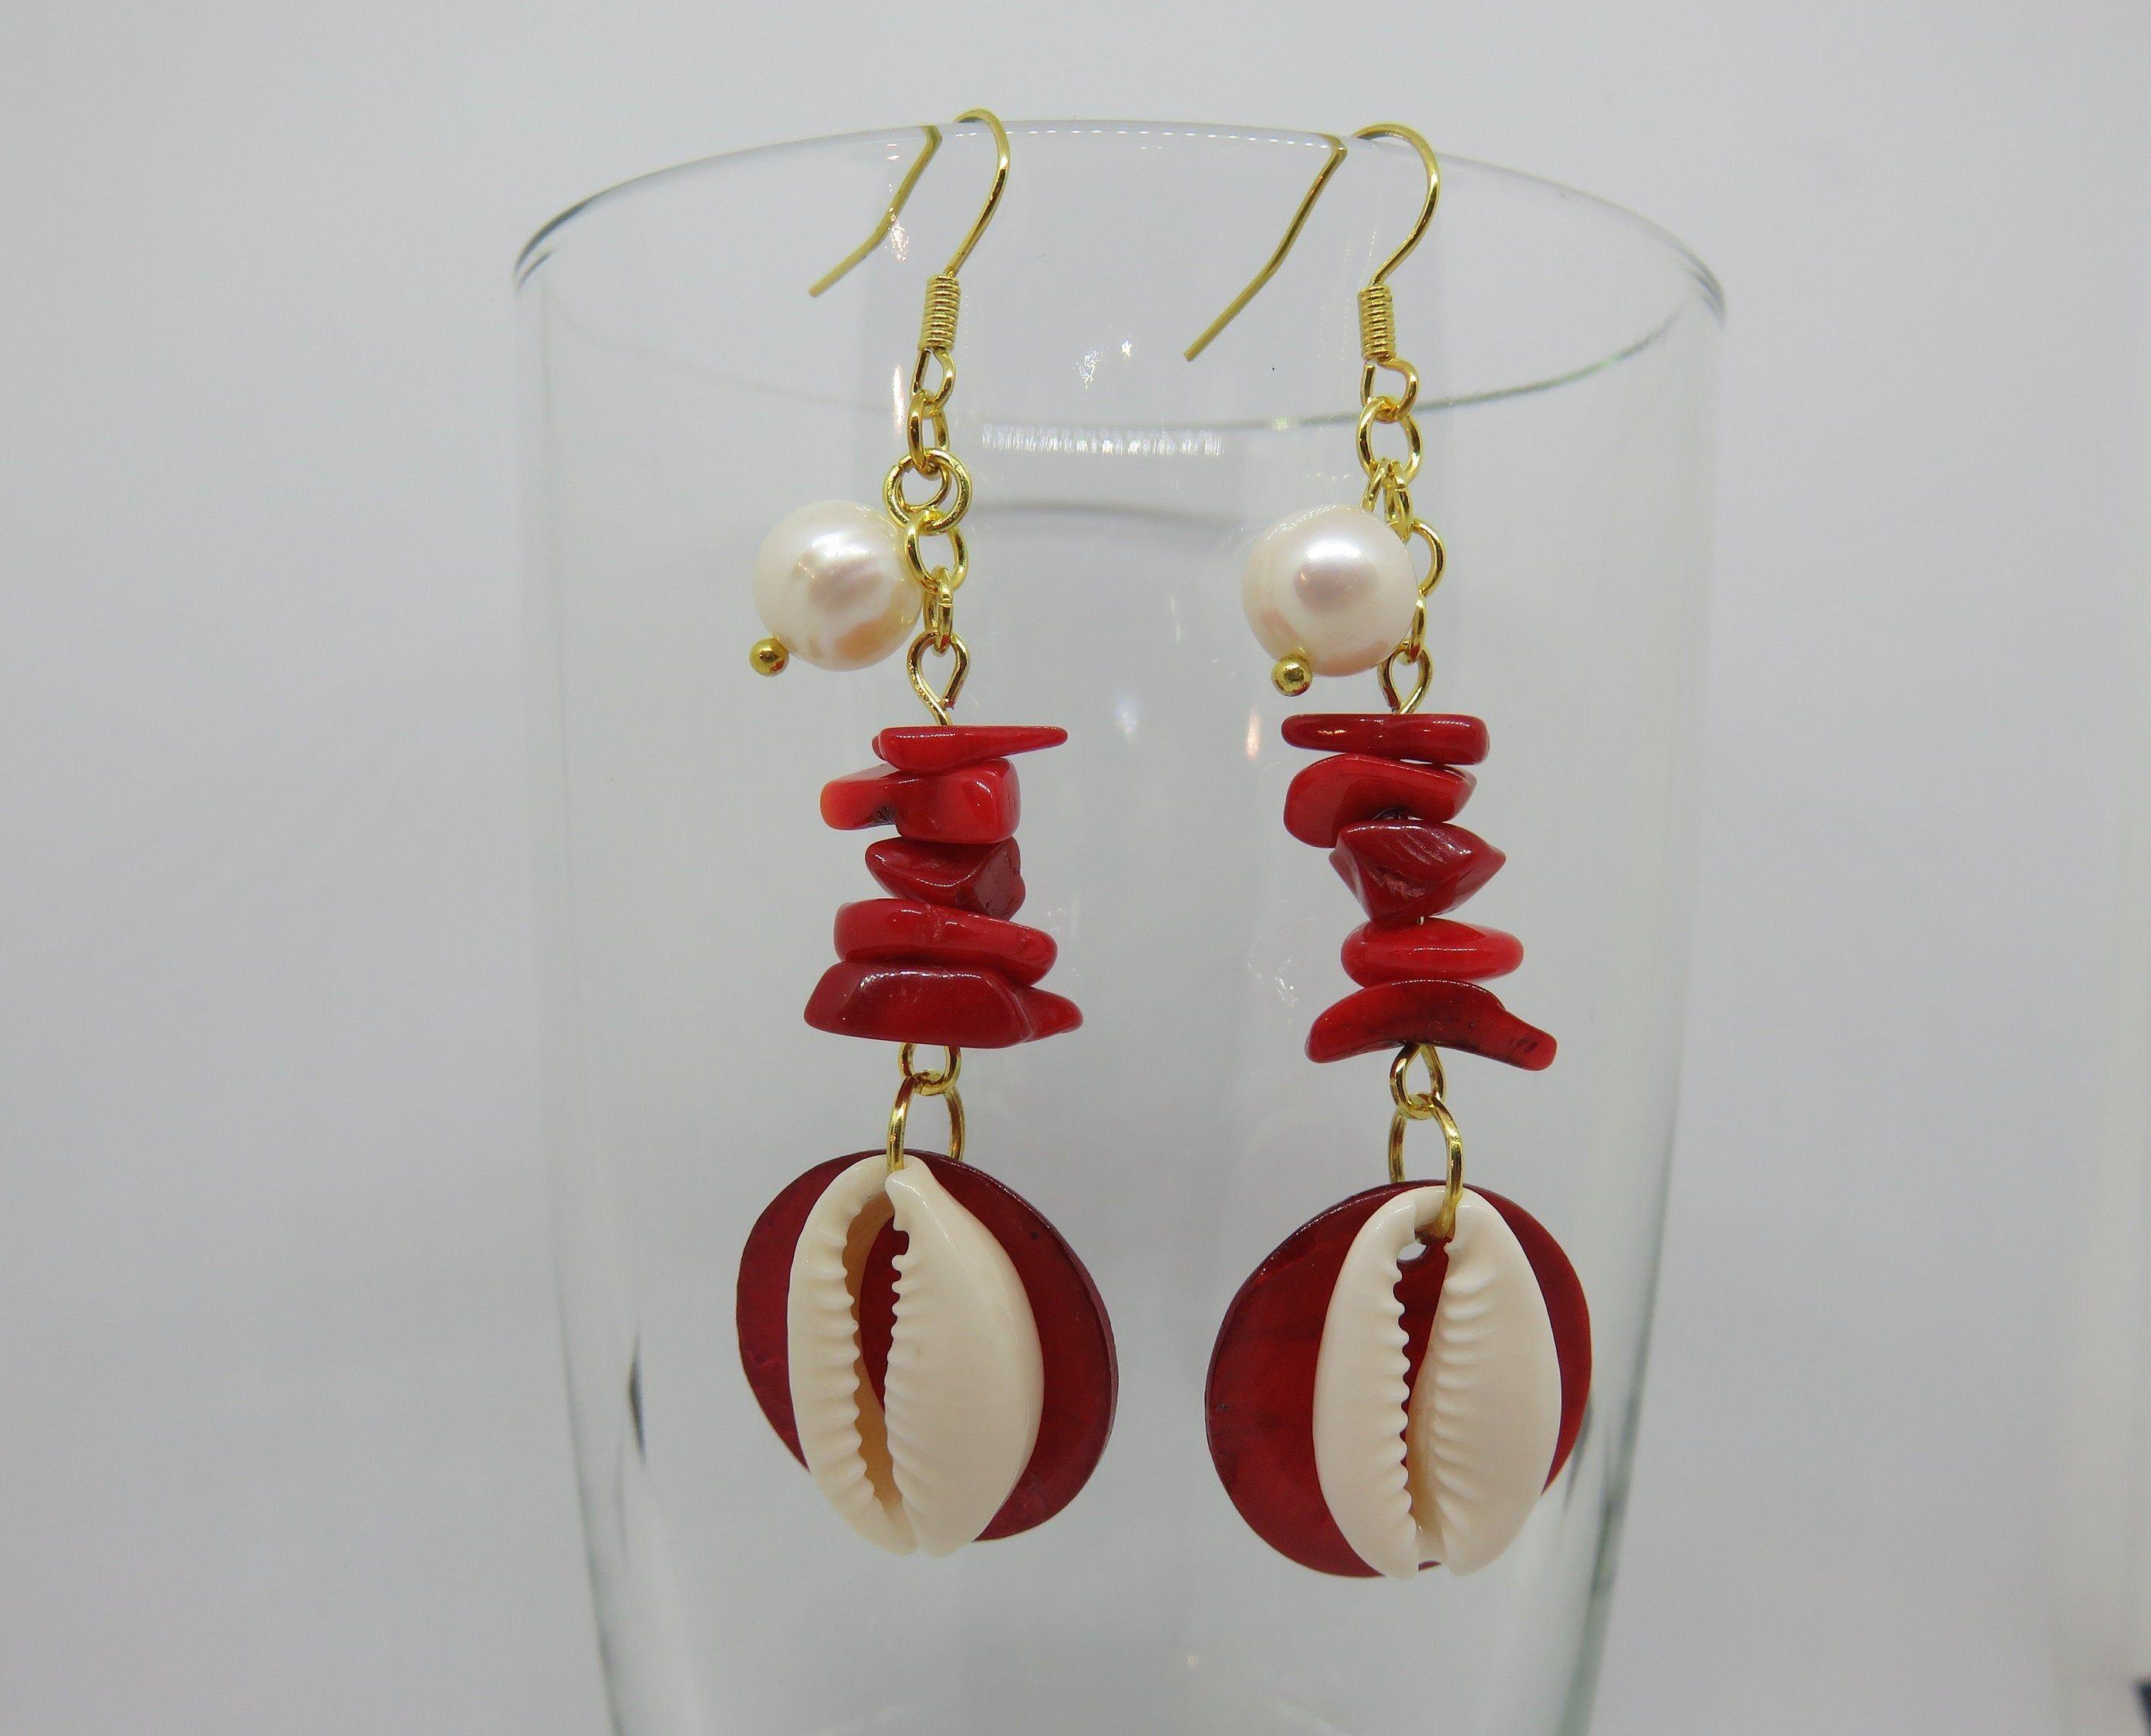 cauri sleeping earrings